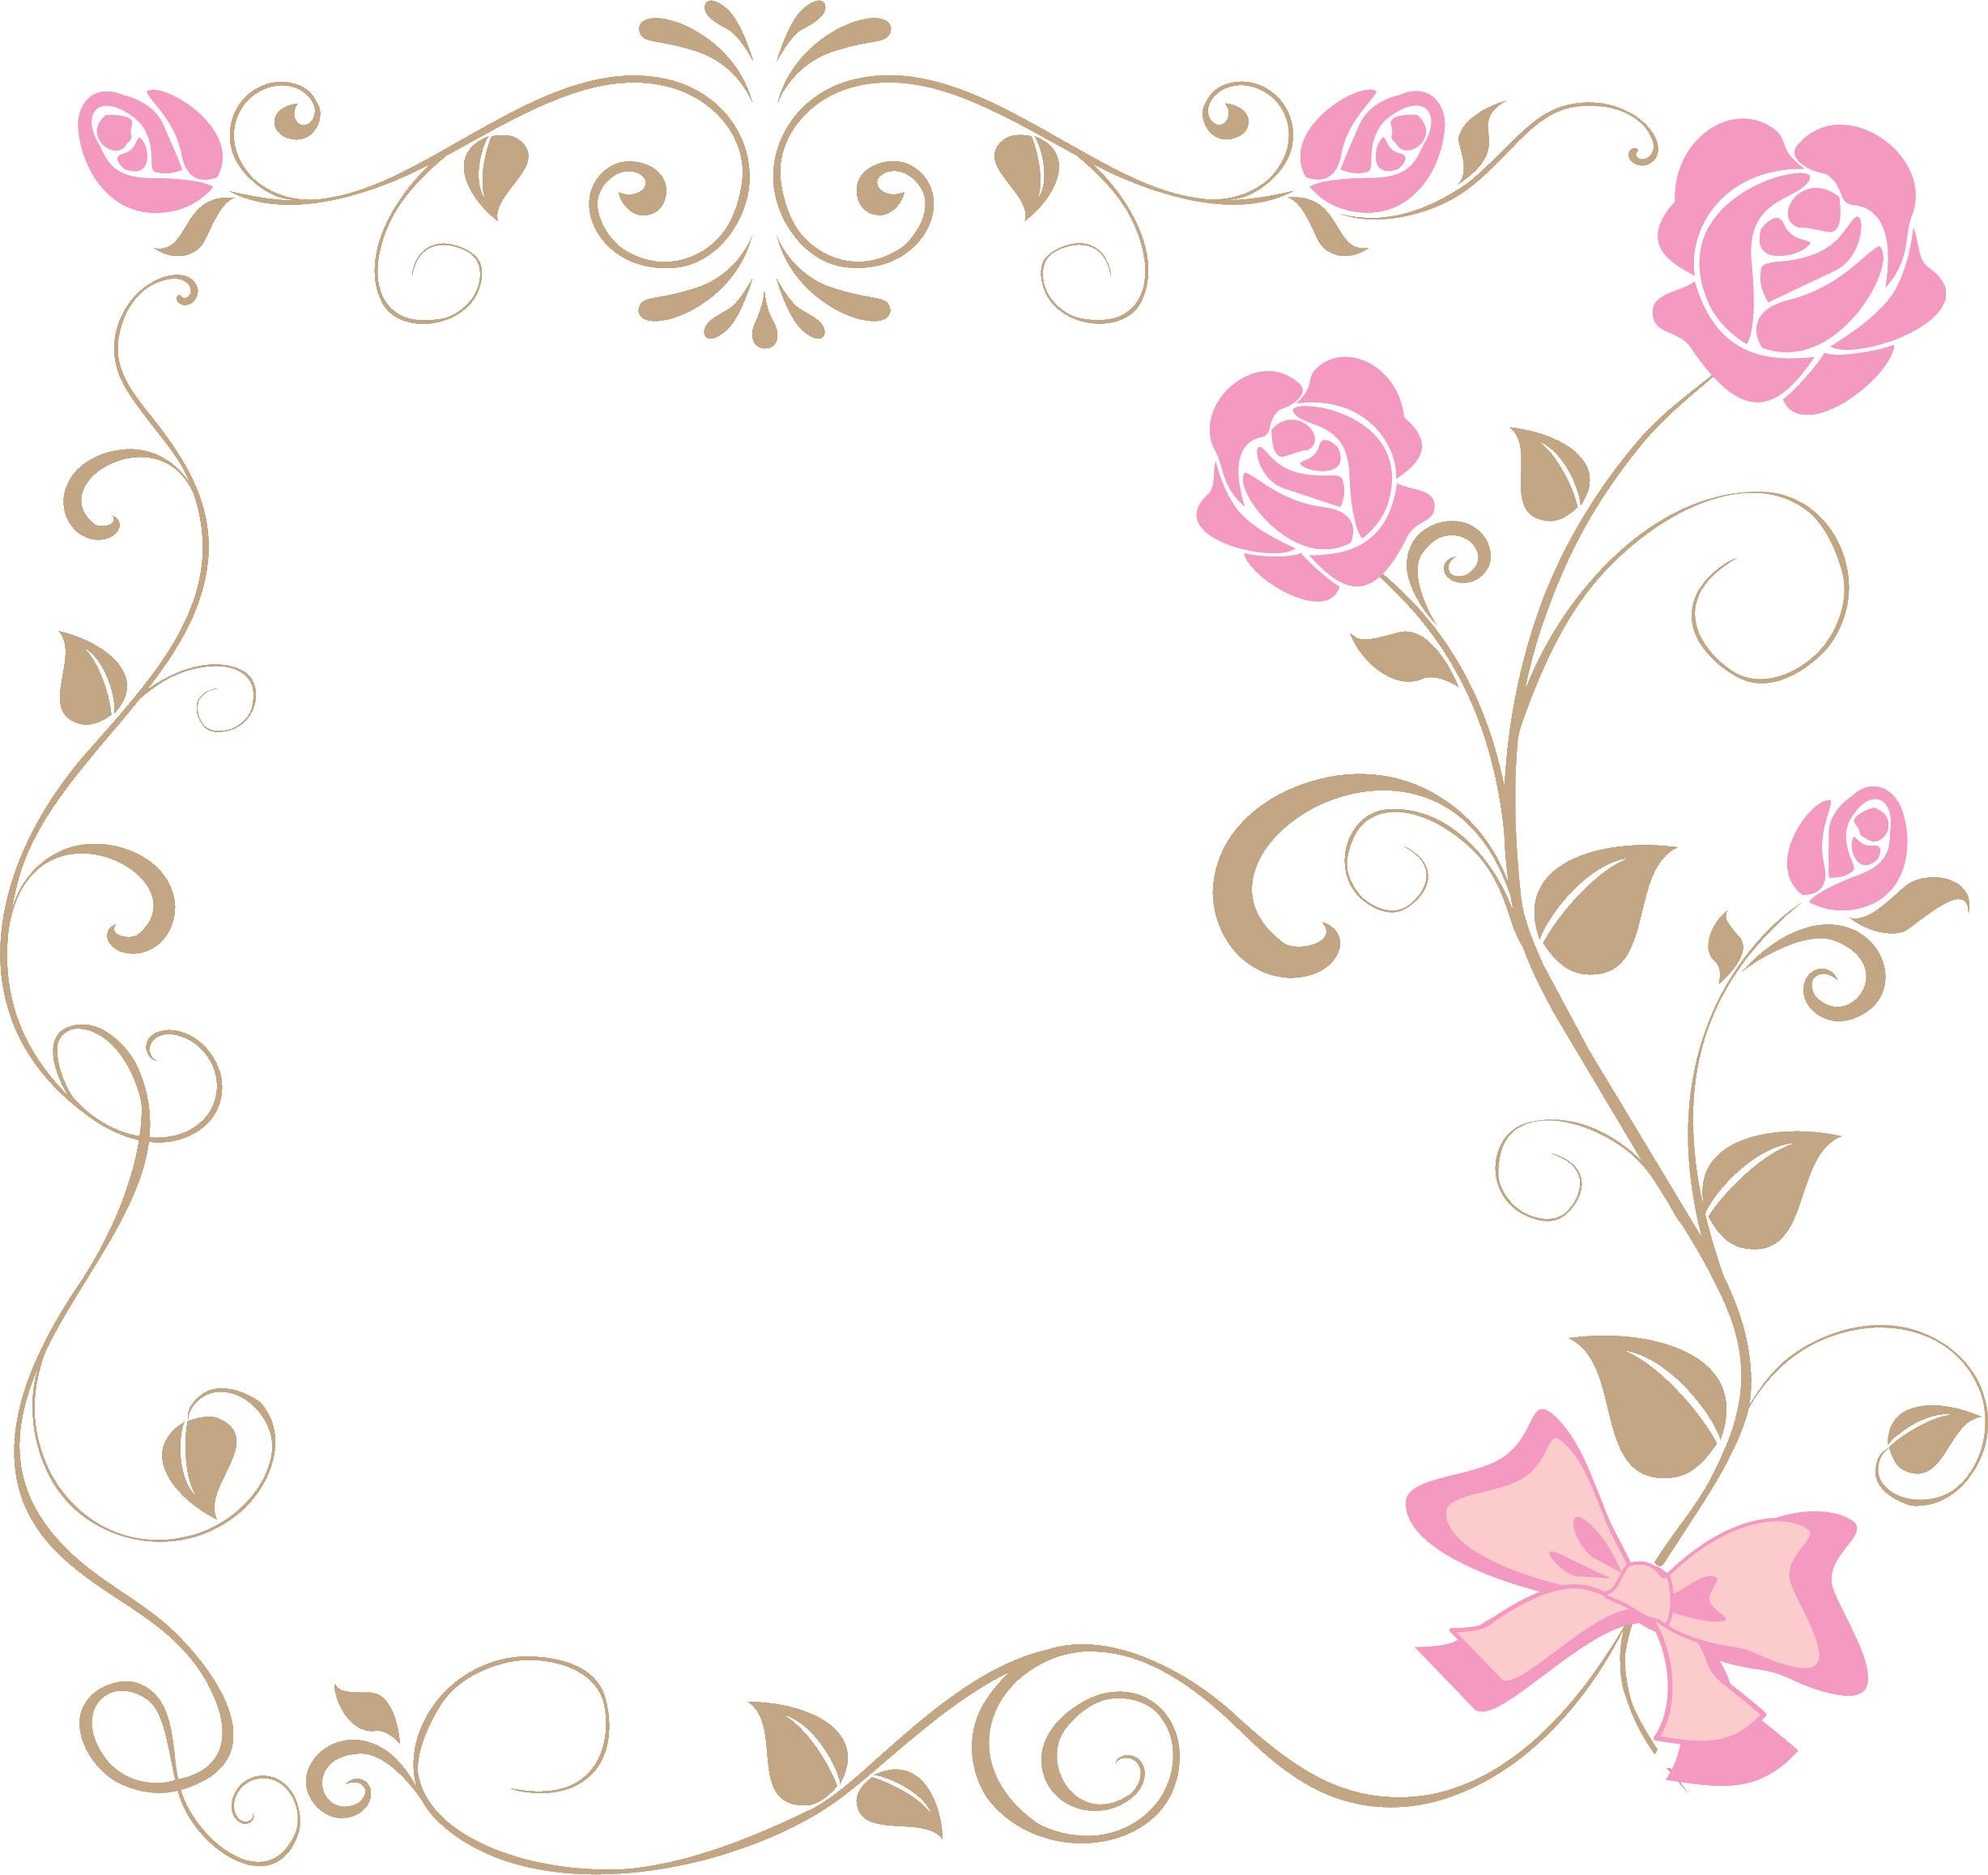 バラの花の画像・イラスト『フレーム・タイトル枠』/無料のフリー素材